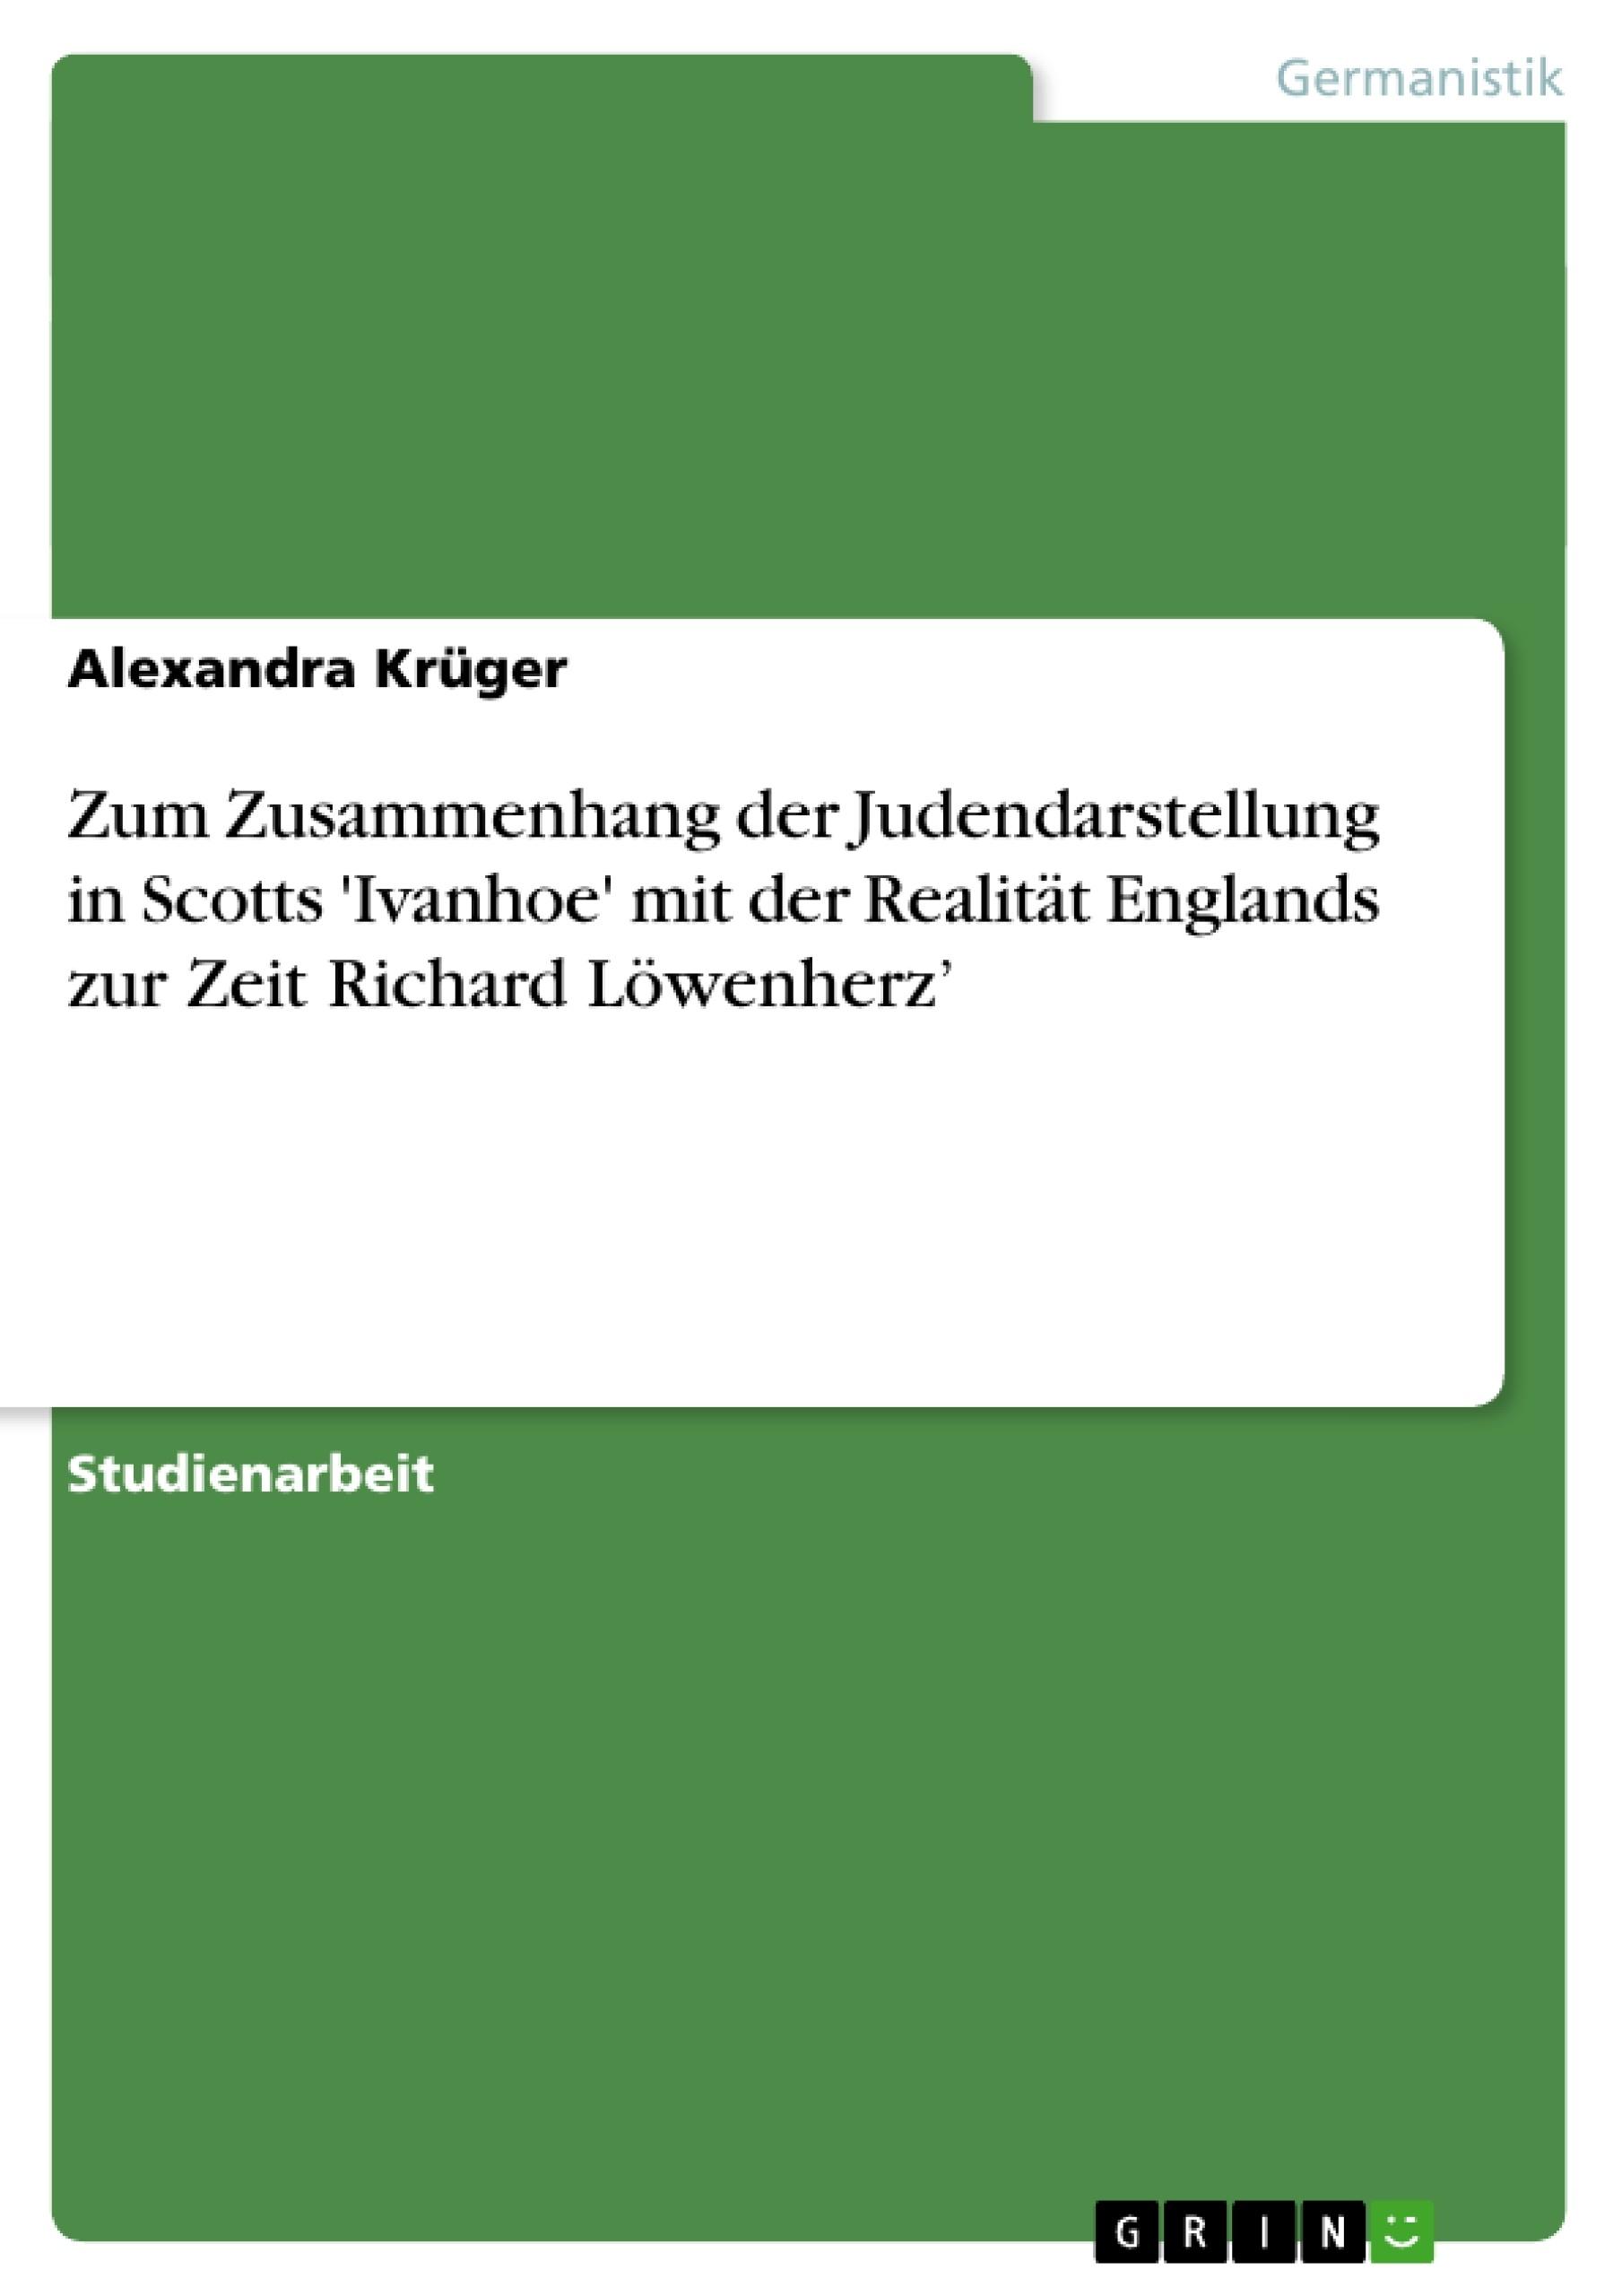 Titel: Zum Zusammenhang der Judendarstellung in Scotts 'Ivanhoe' mit der Realität Englands zur Zeit Richard Löwenherz'